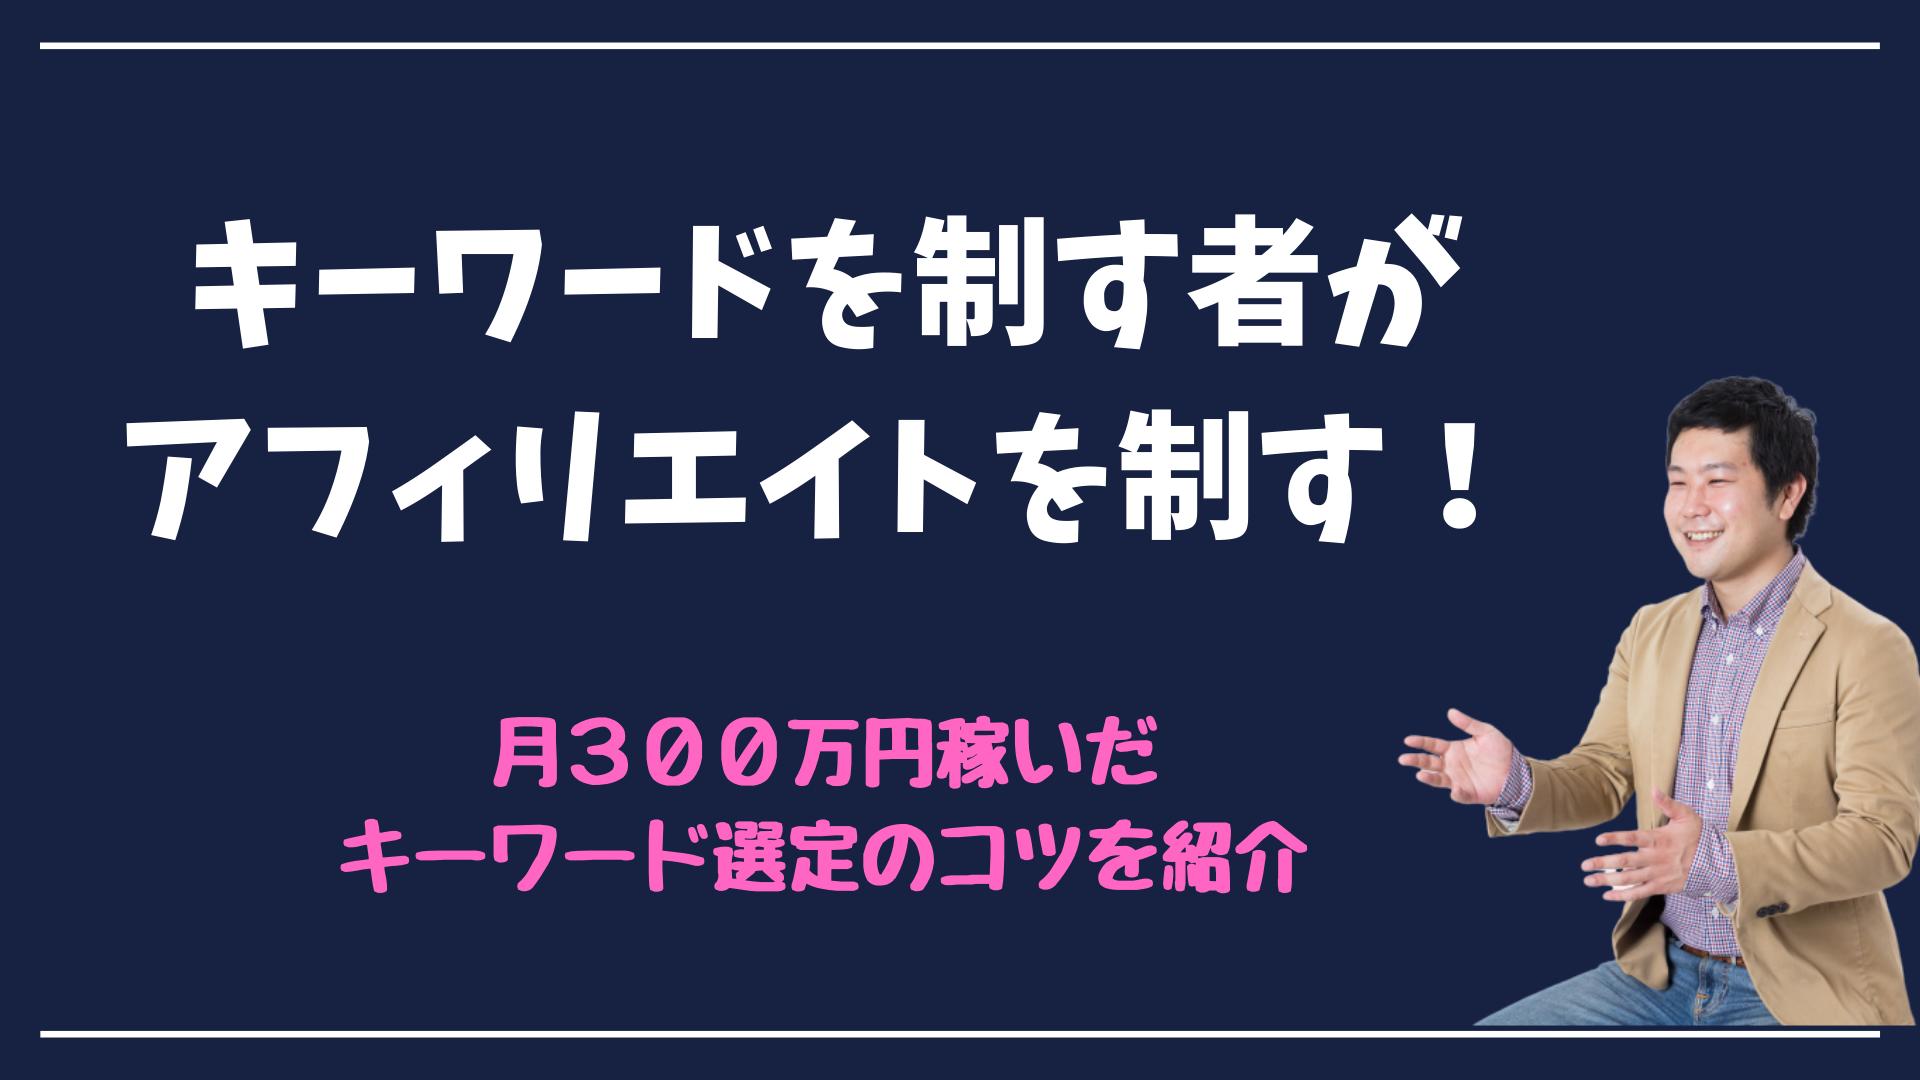 月300万円稼いだアフィリエイトのキーワード選定のコツを解説!